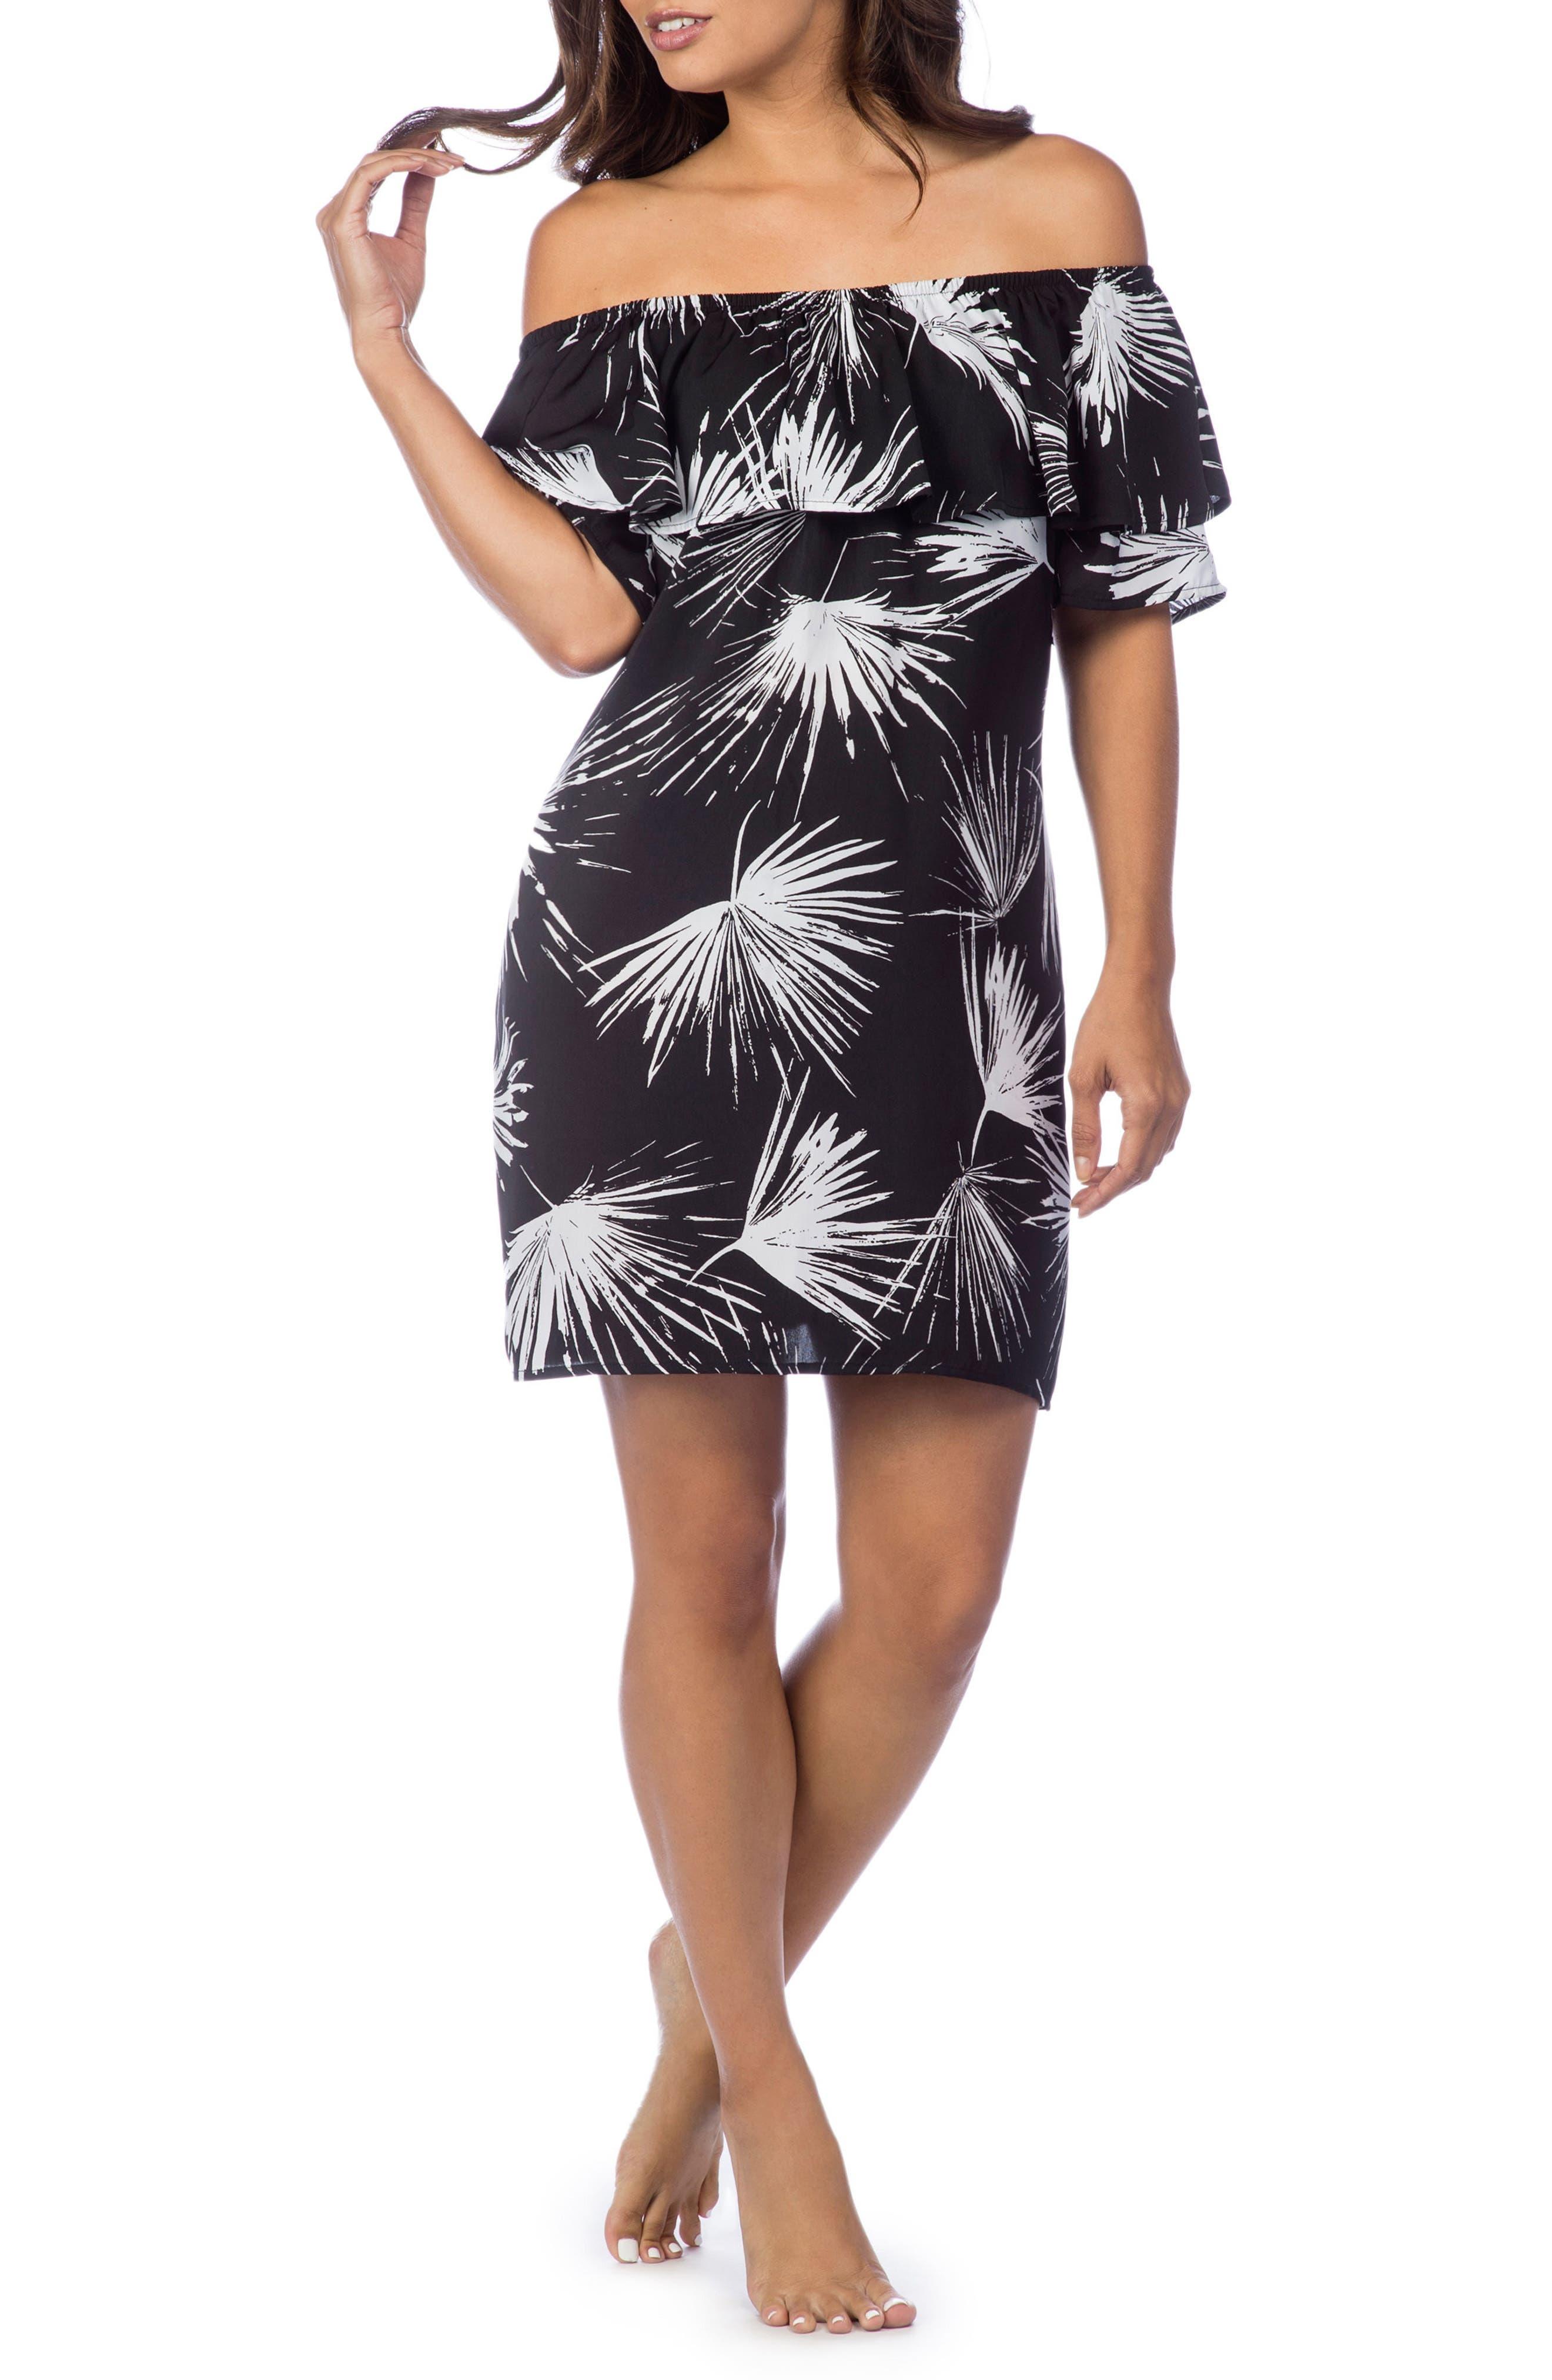 Petal Pusher Off the Shoulder Dress,                         Main,                         color, Black/ White